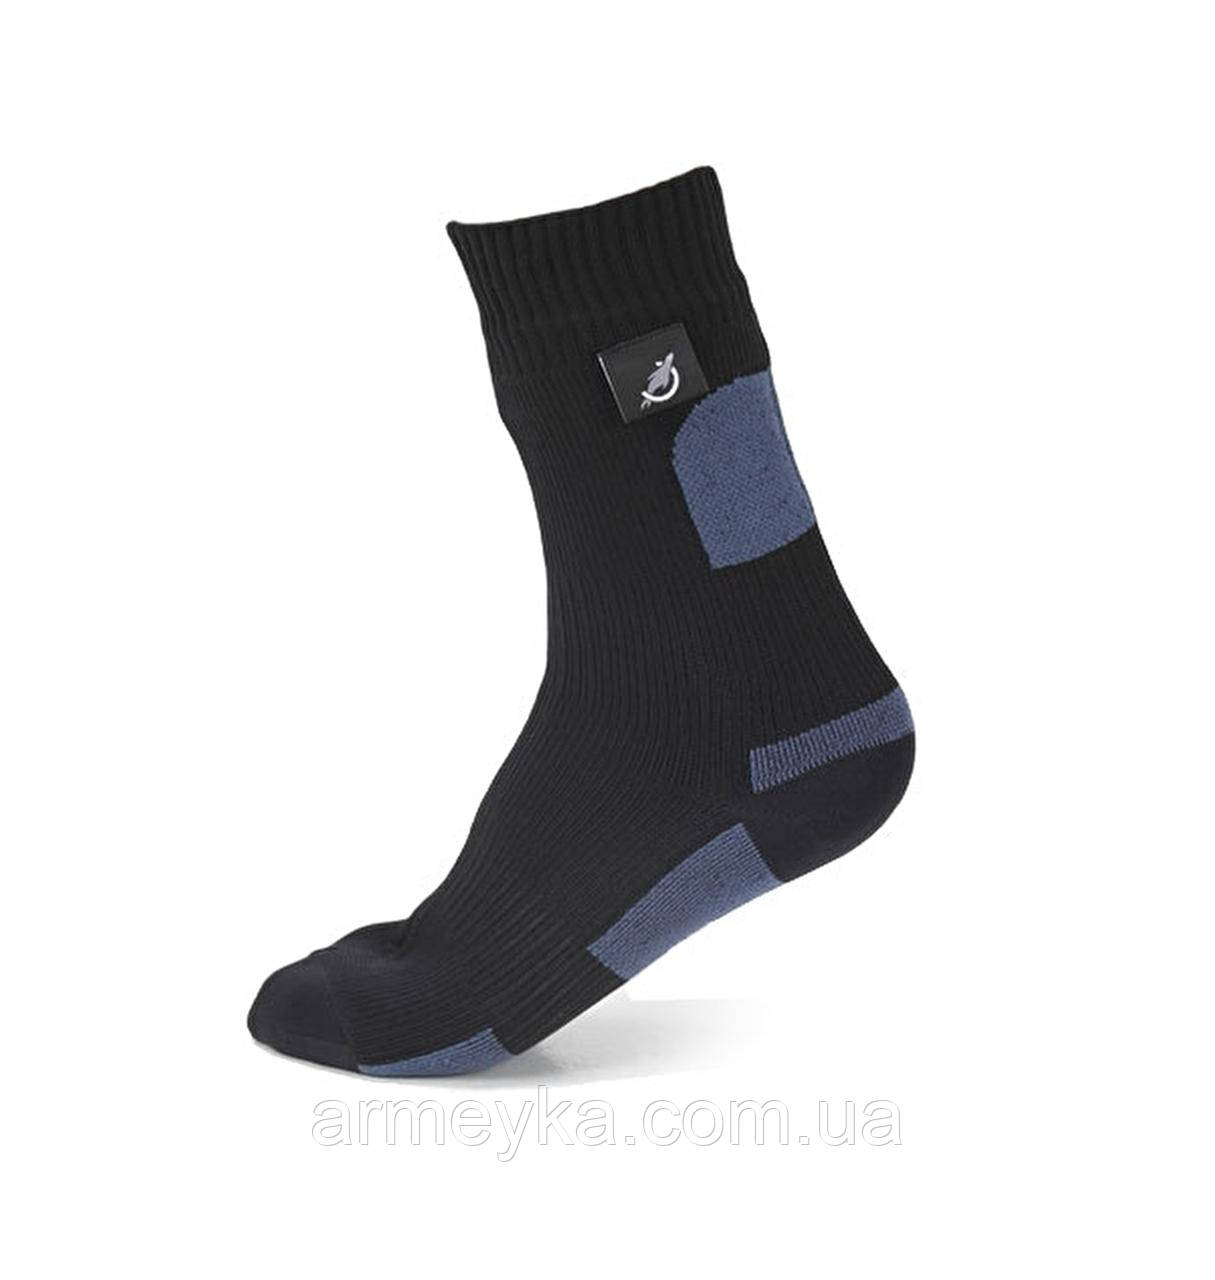 Водонепроницаемые носки Sealskinz military issue, Black/Anthracite. Великобритания, оригинал